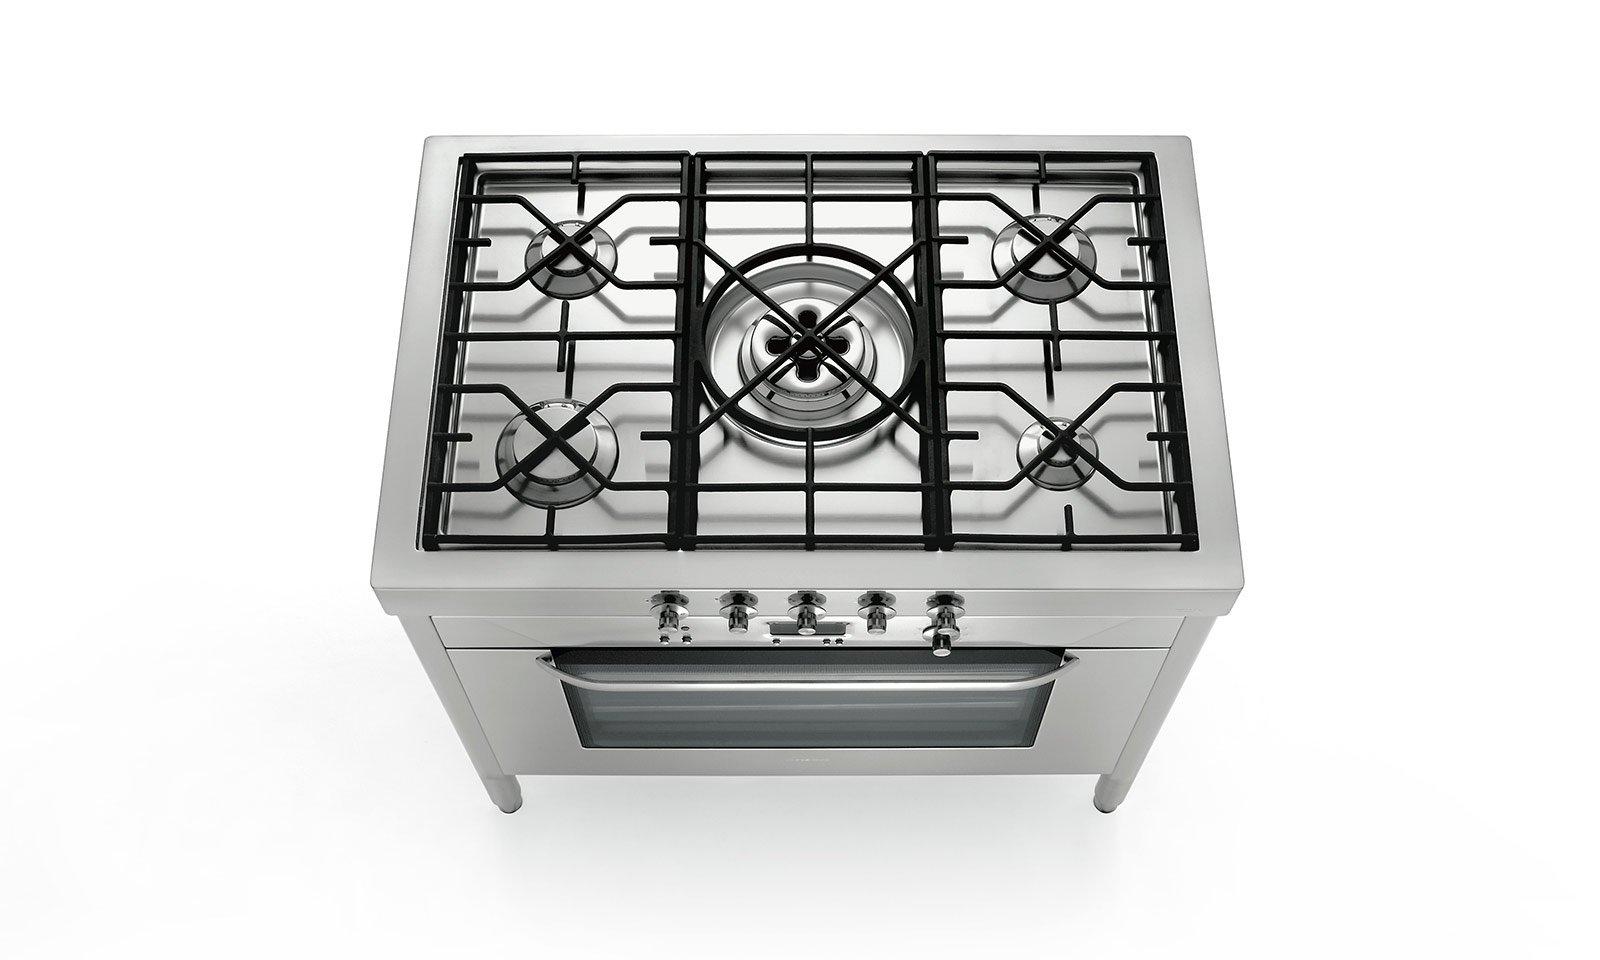 Cucina monoblocco: piano cottura e forno tutto in uno, freestanding ...